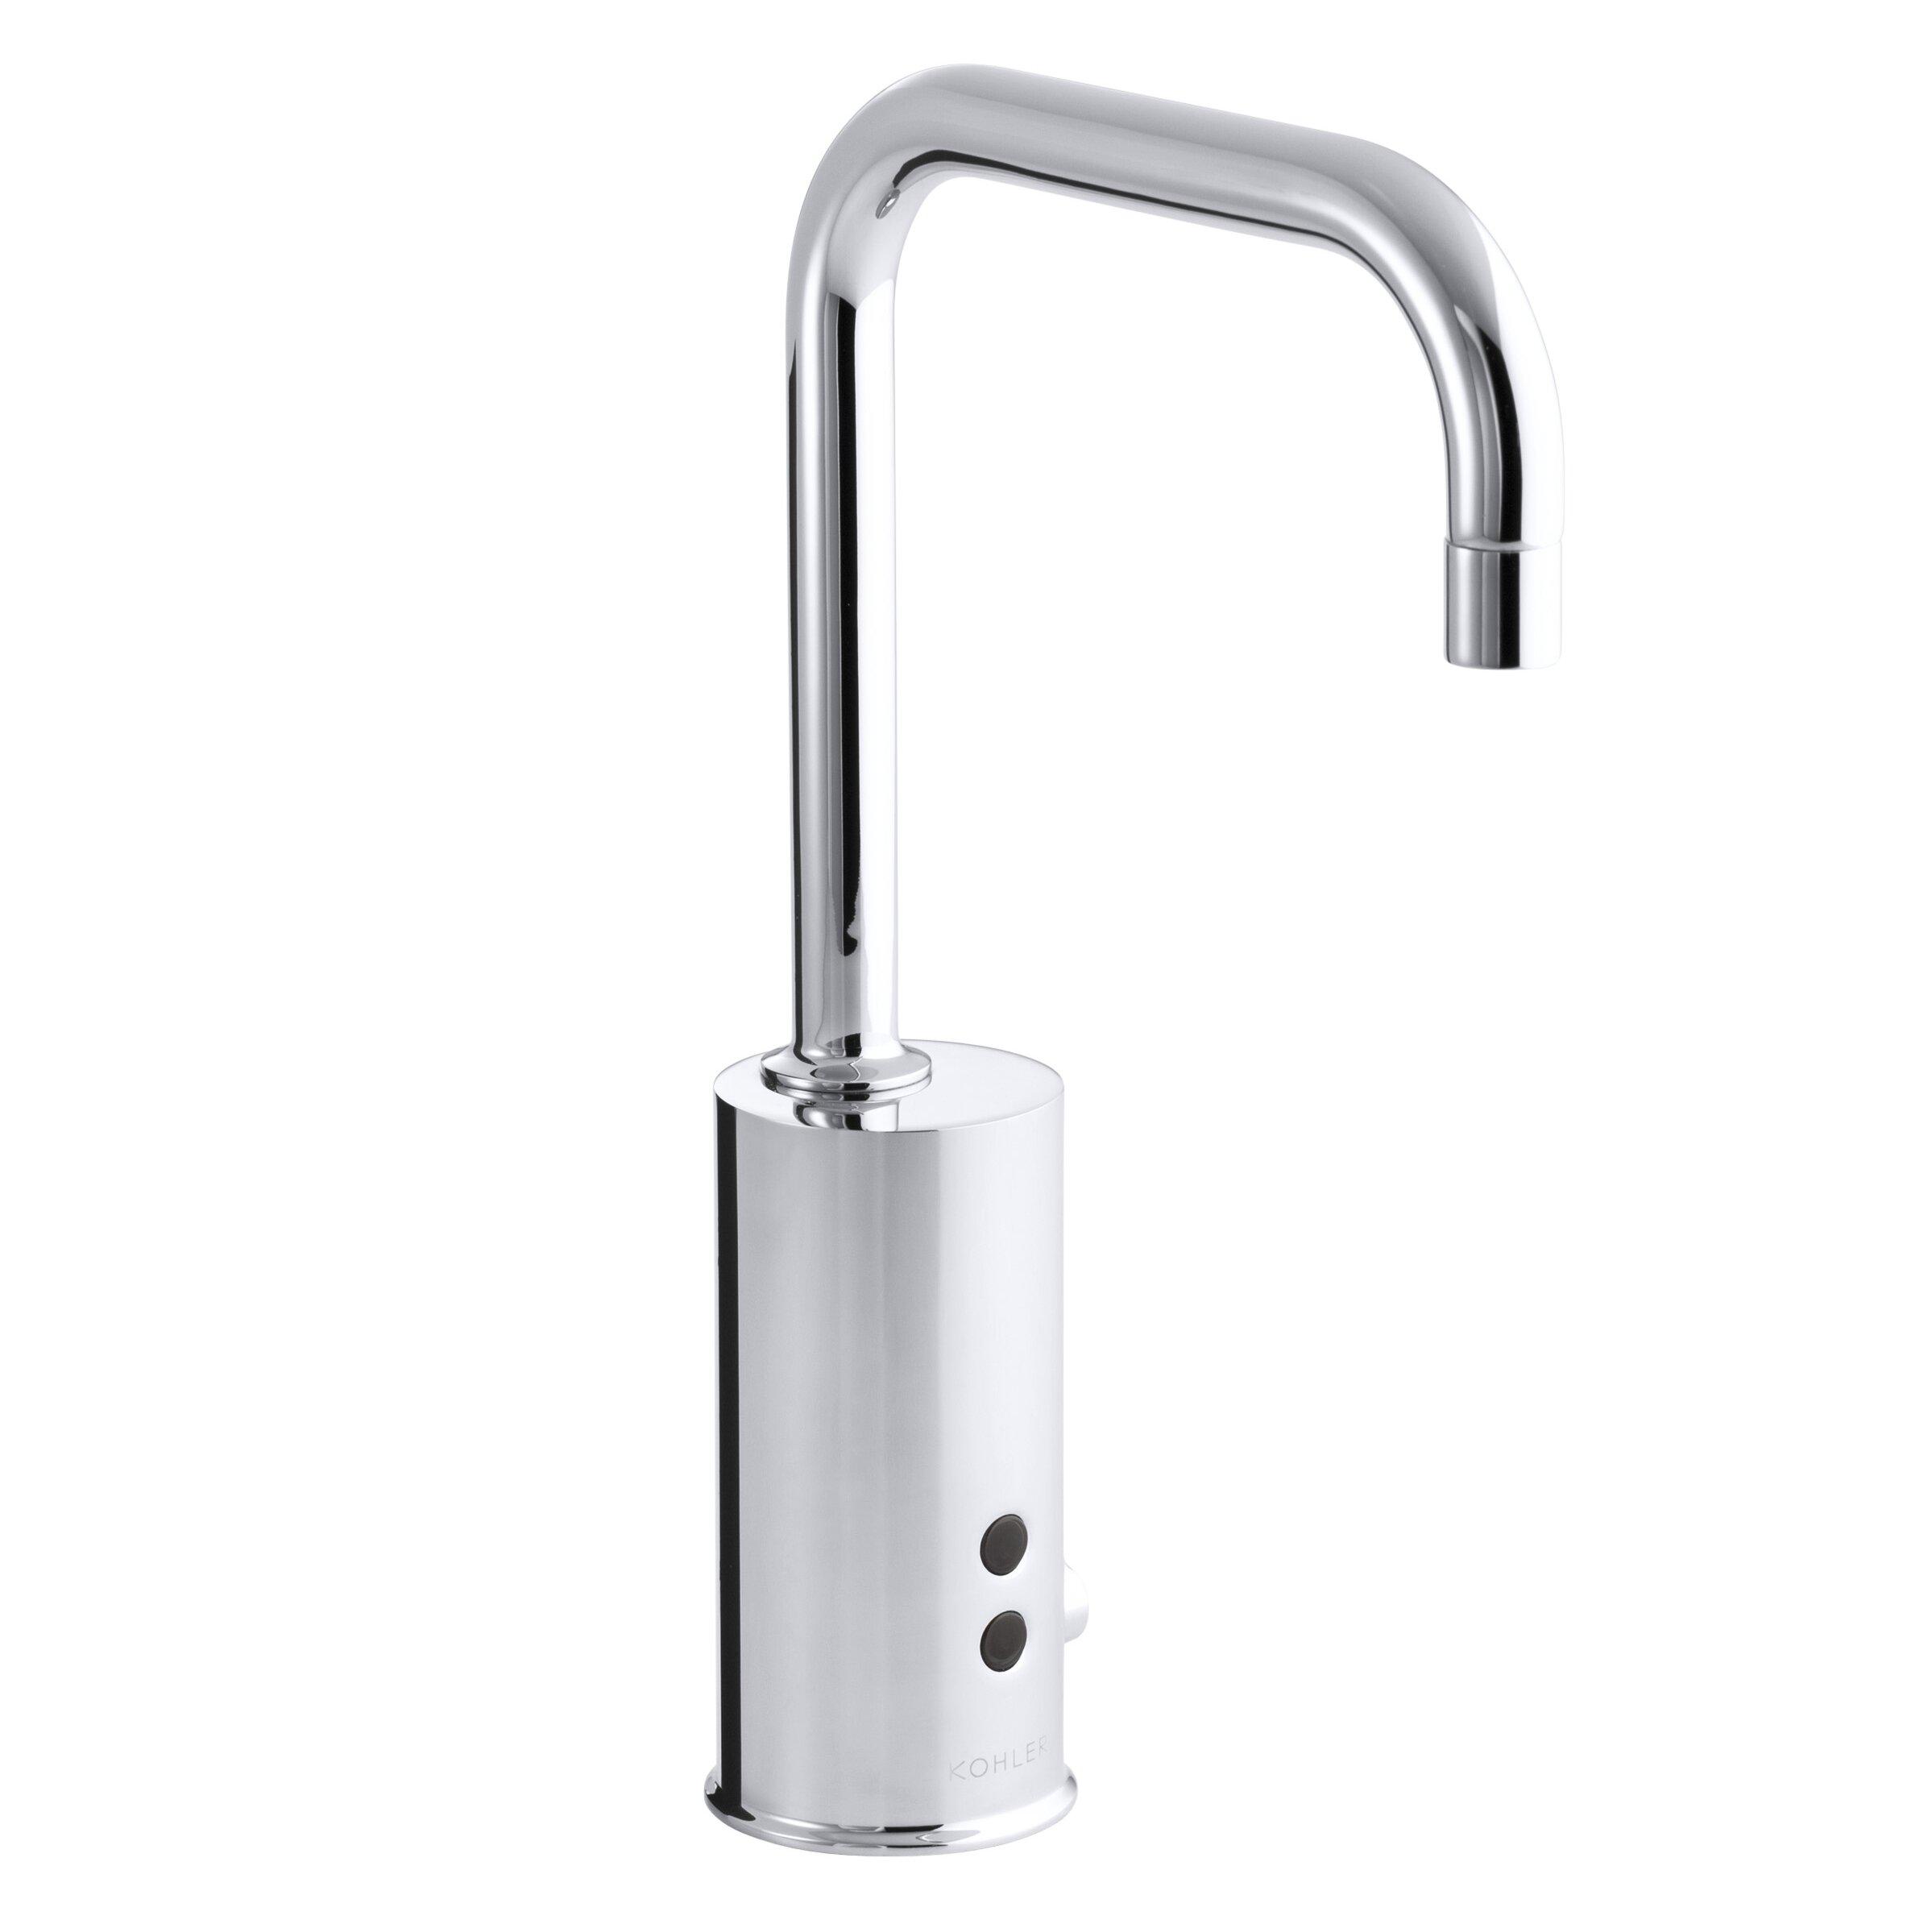 Commercial Gooseneck Faucet : Kohler Gooseneck Single-Hole Touchless Ac-Powered Commercial Faucet ...